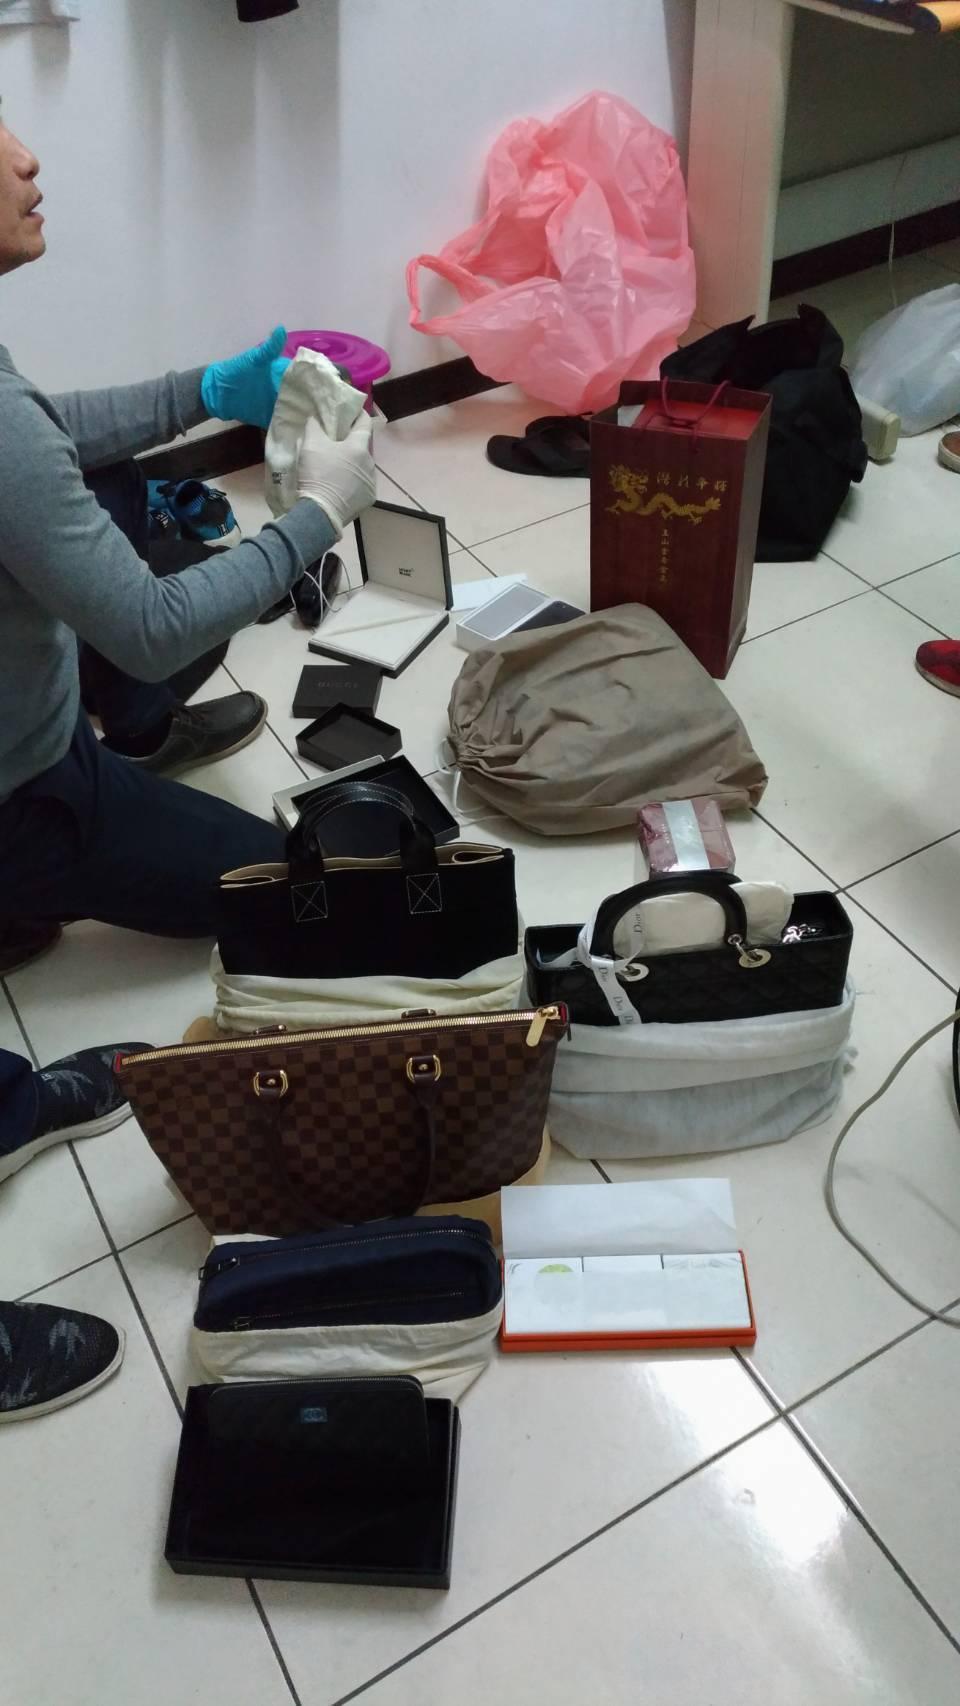 嘉義市議員王美惠服務處今天清晨遭竊,被竊走價值數百萬元的精品、金飾、手表等,警方...